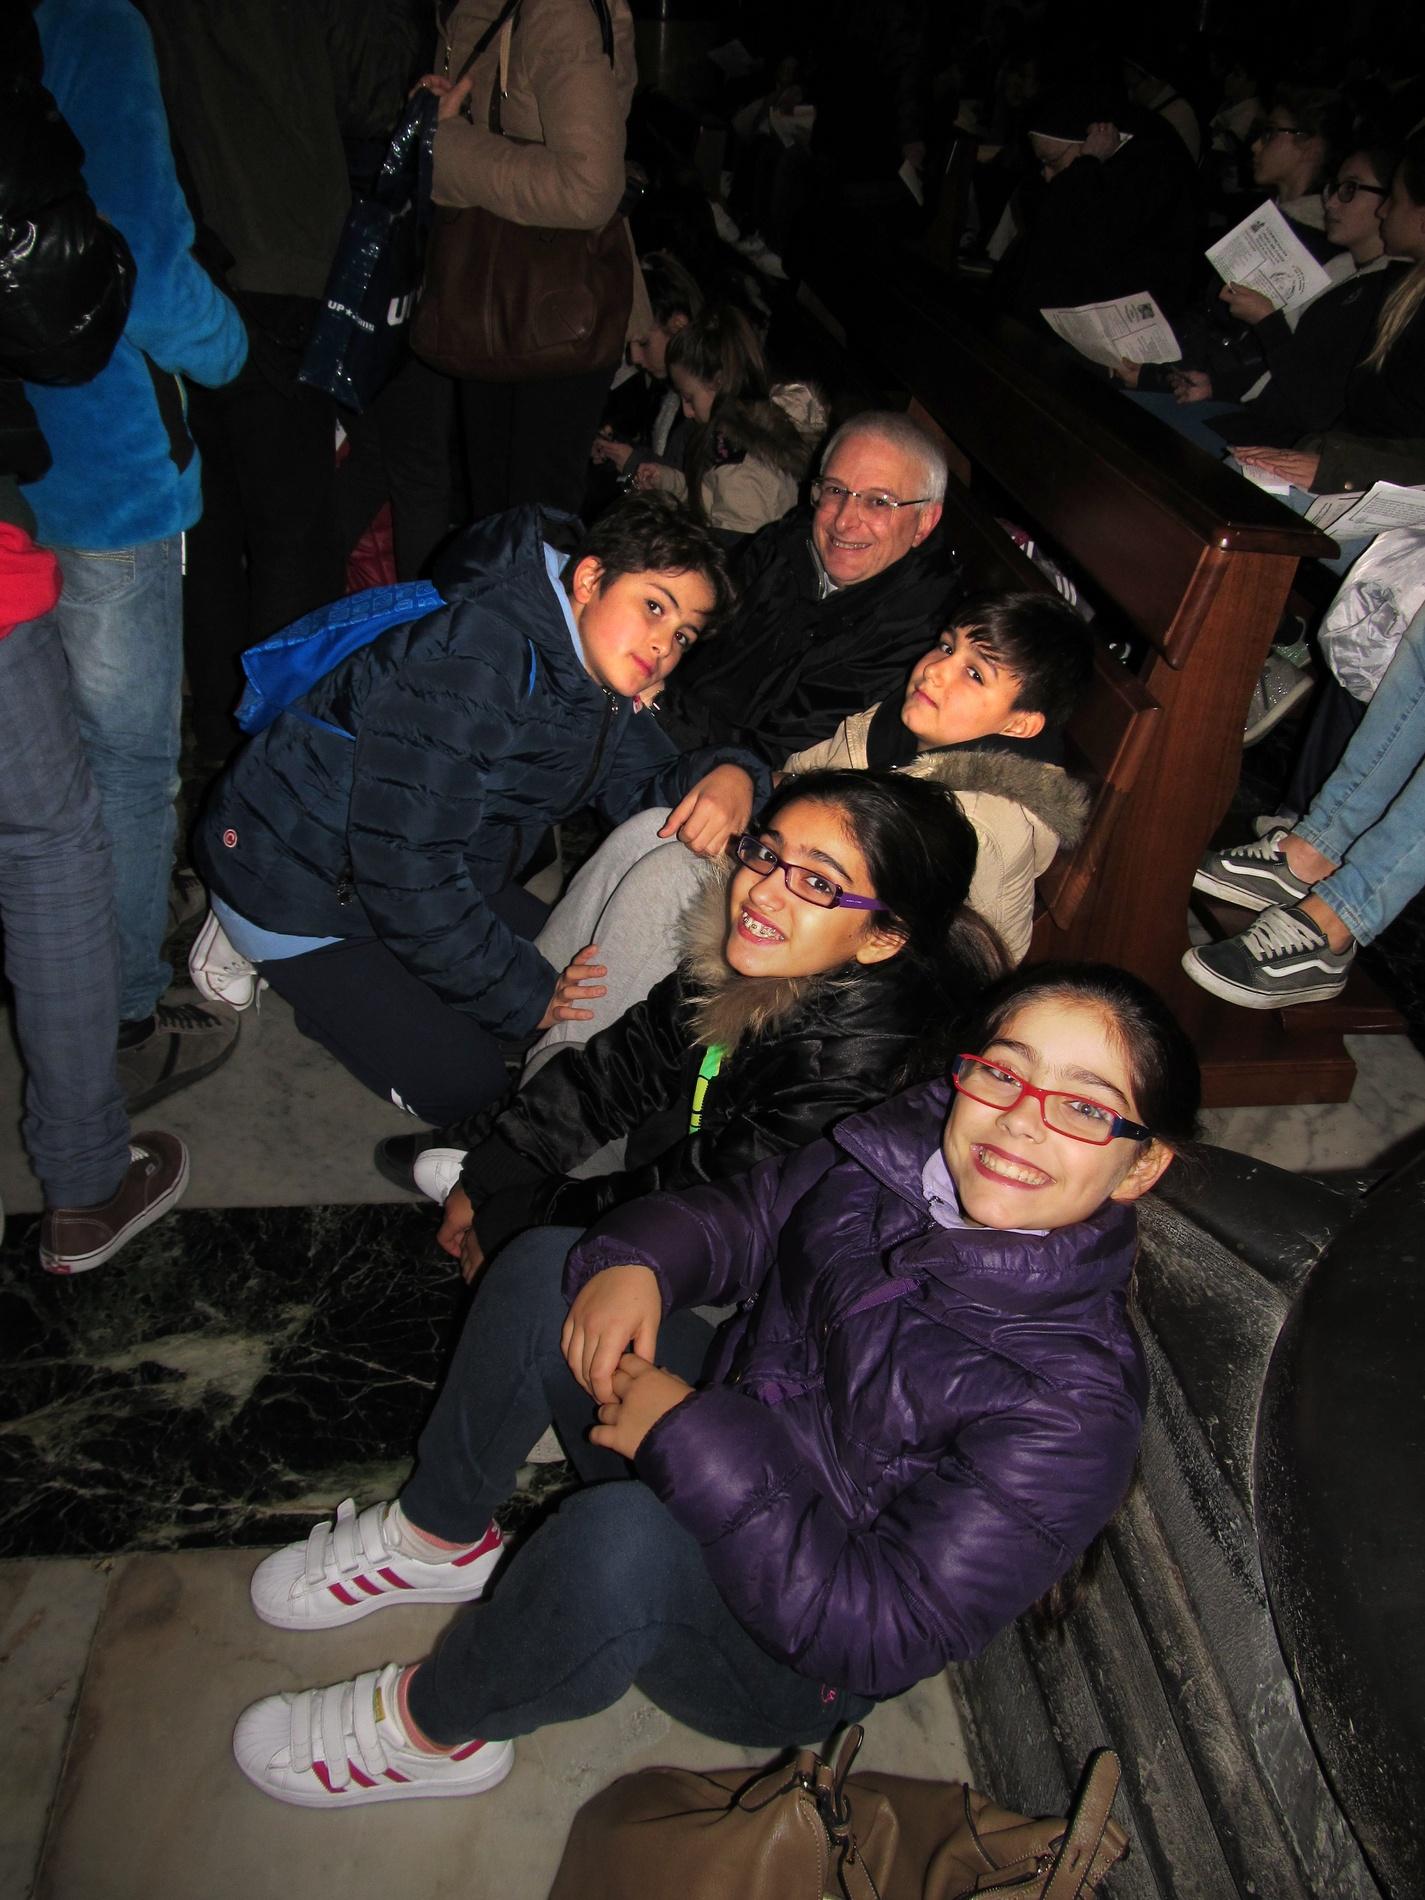 incontro-cresimandi-cresimati-cattedrale-2015-11-28-16-07-49